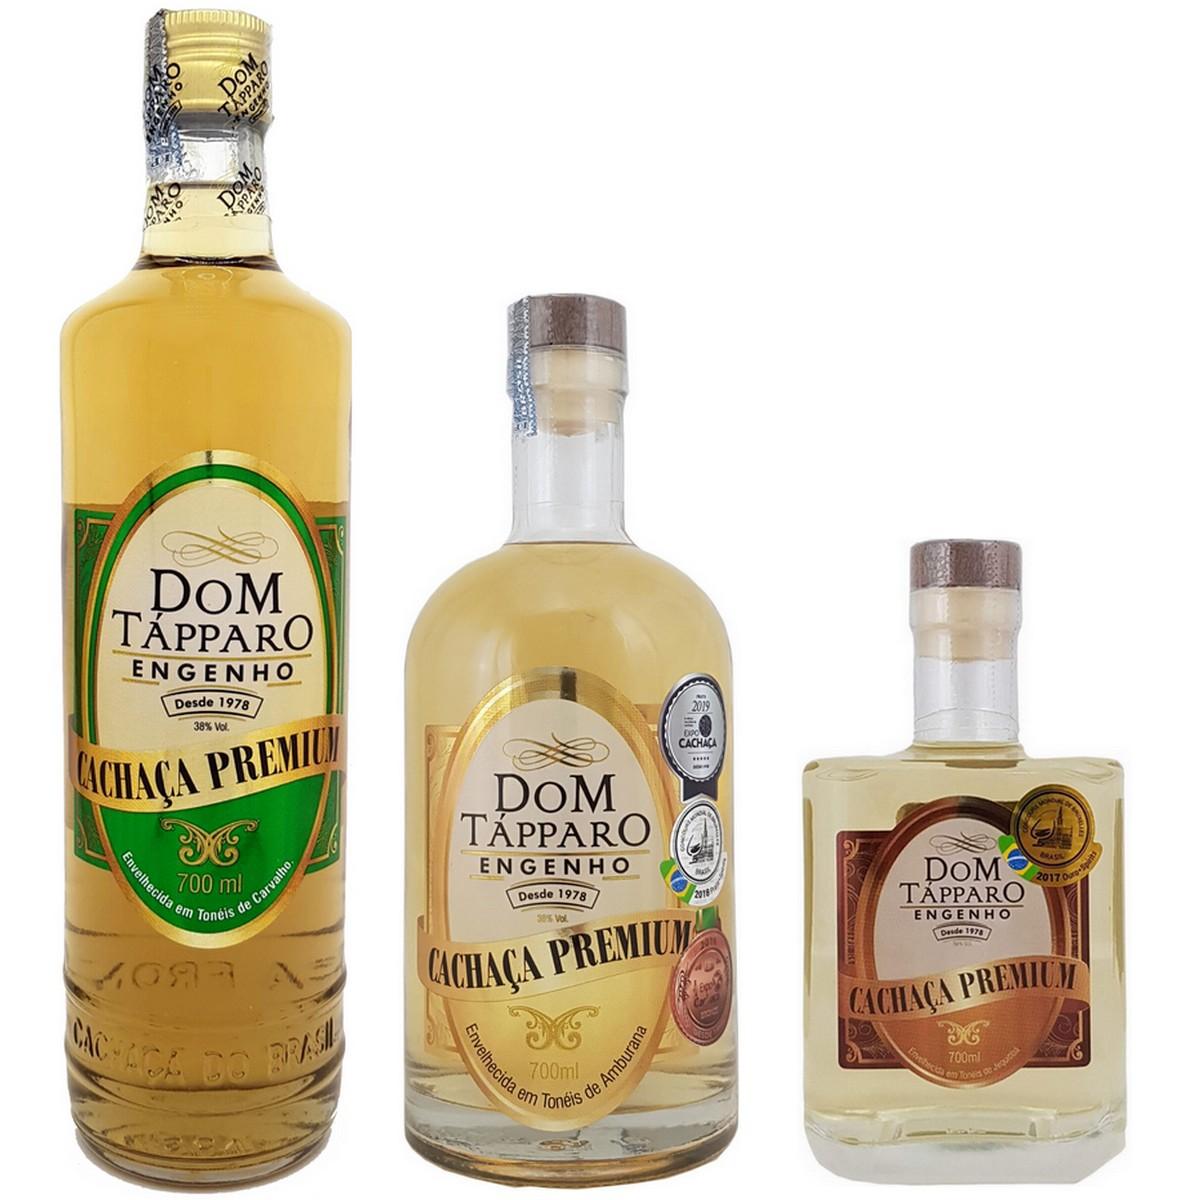 KIT Premium Dom Tápparo com 3 Cachaças (Carvalho, Amburana e Jequitibá) 700ml